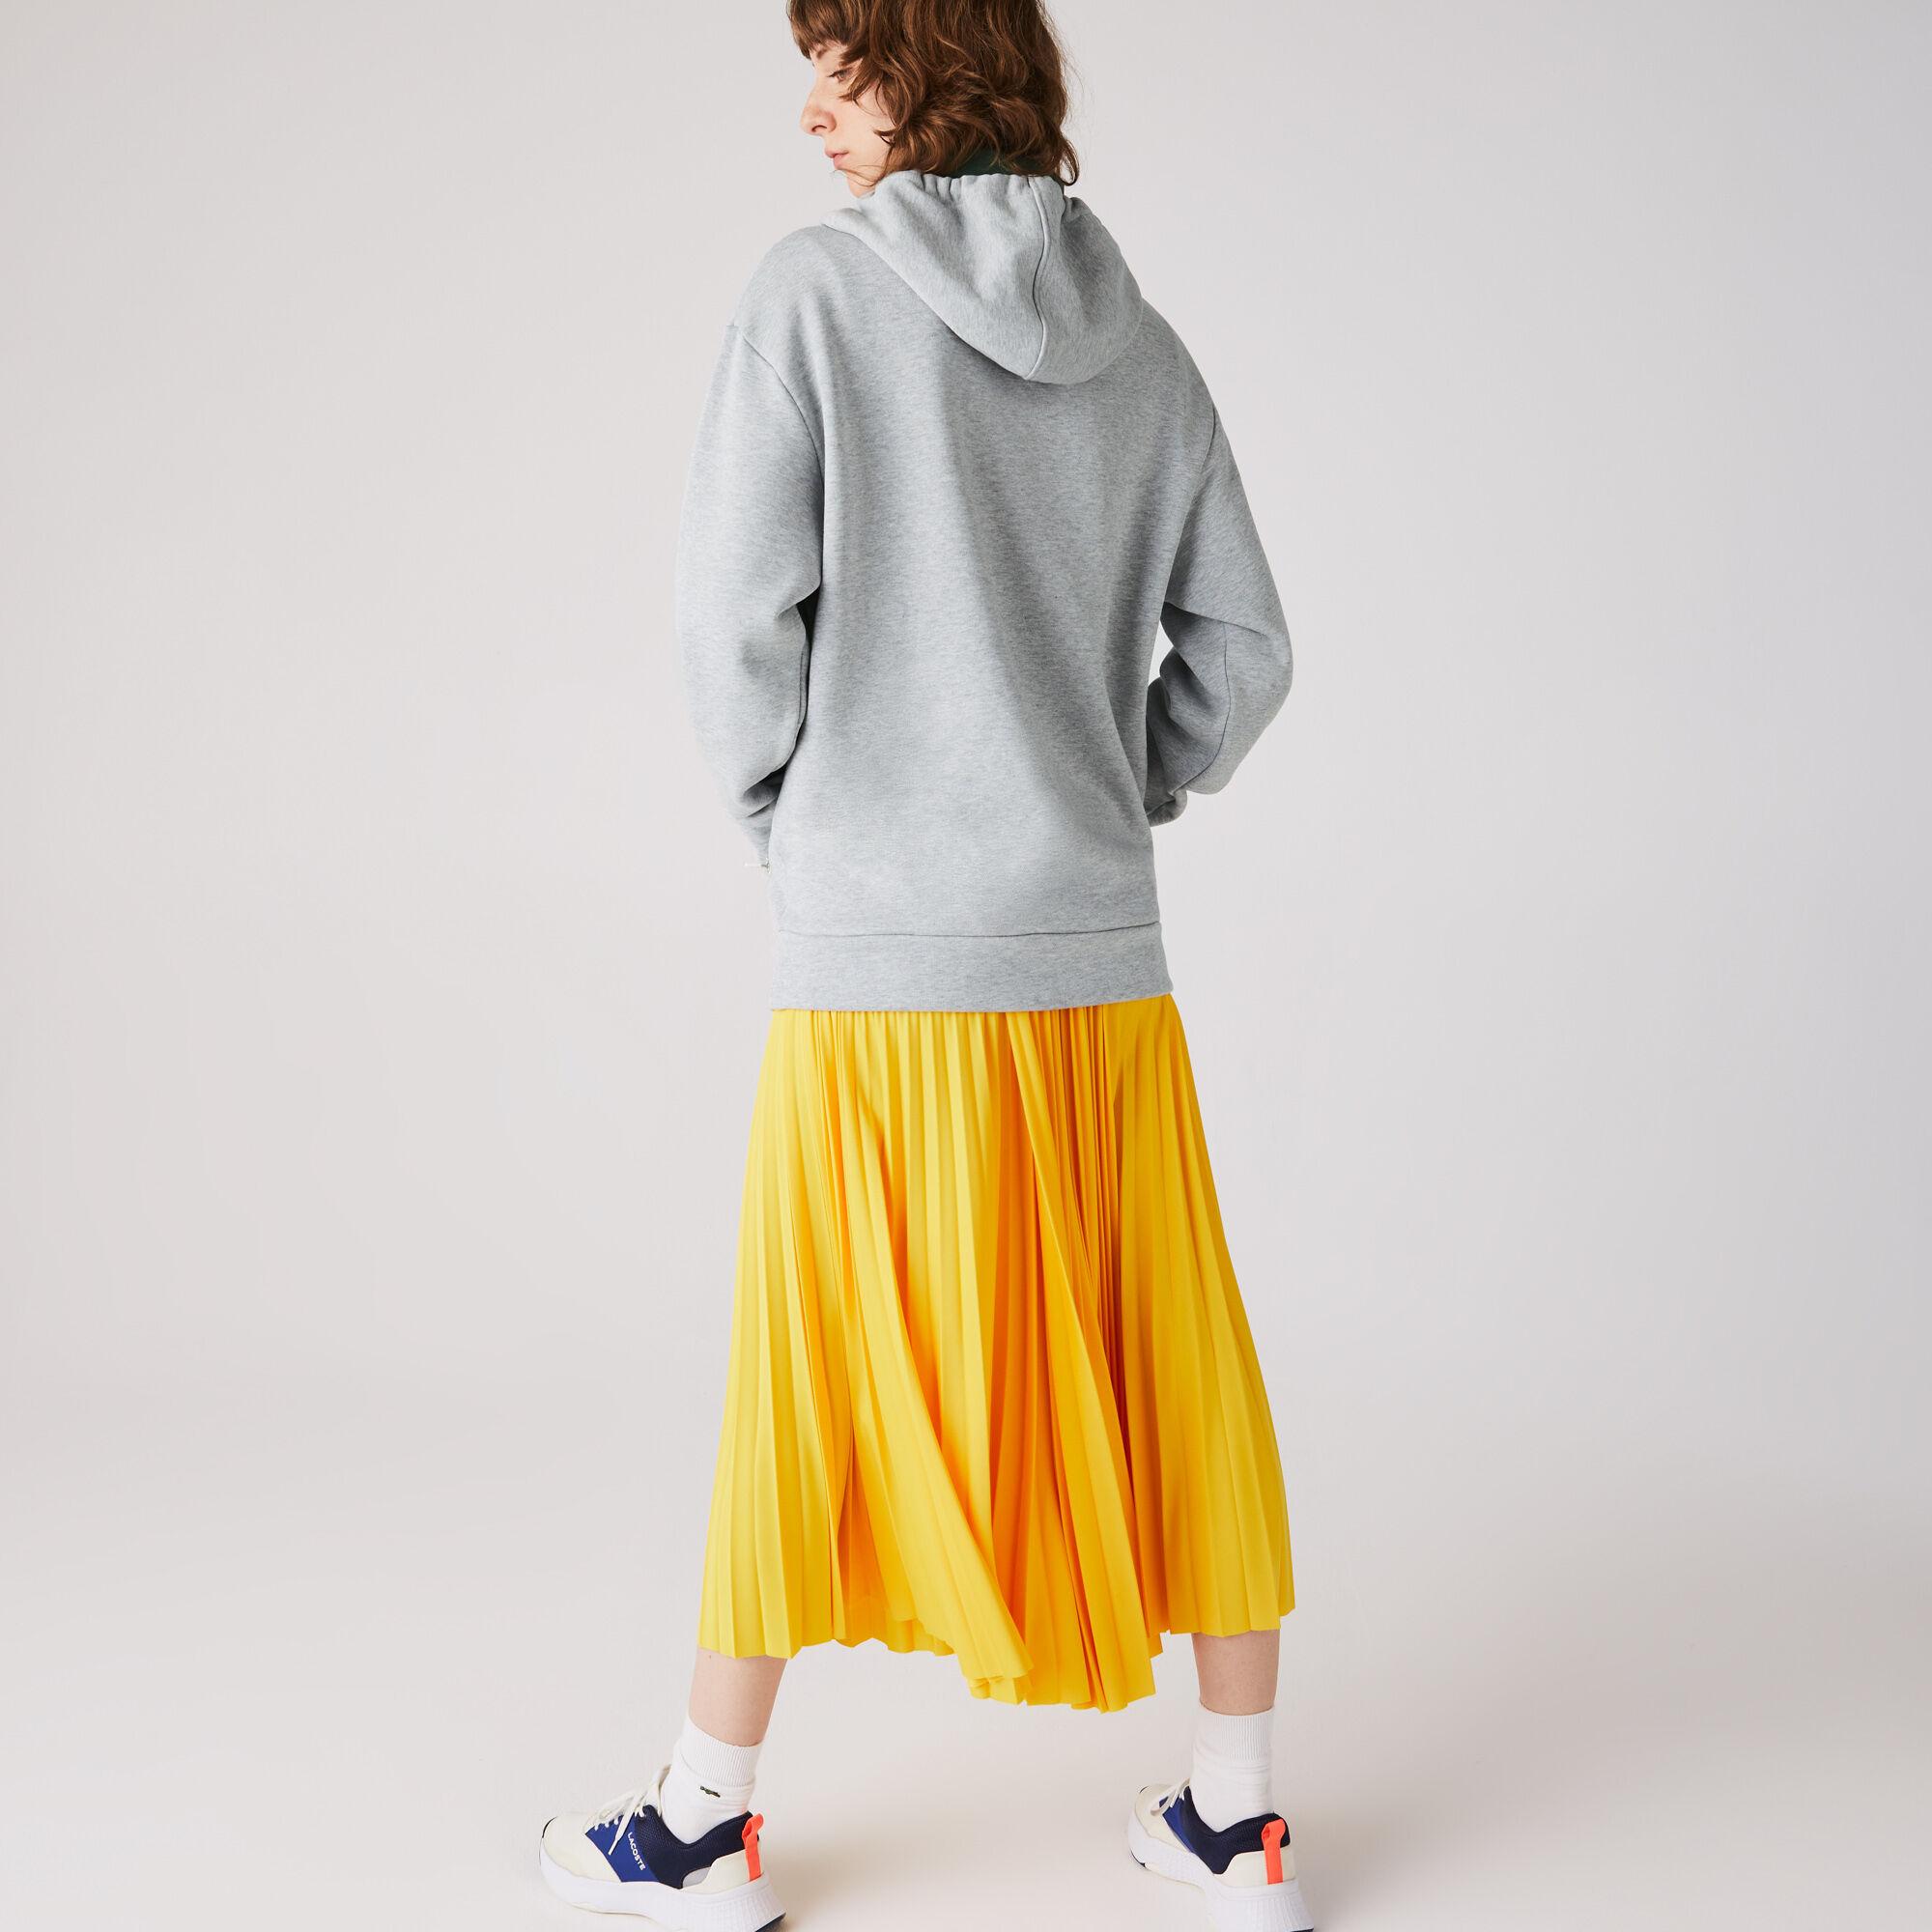 Women's Oversized Crocodile Print Hooded Fleece Sweatshirt